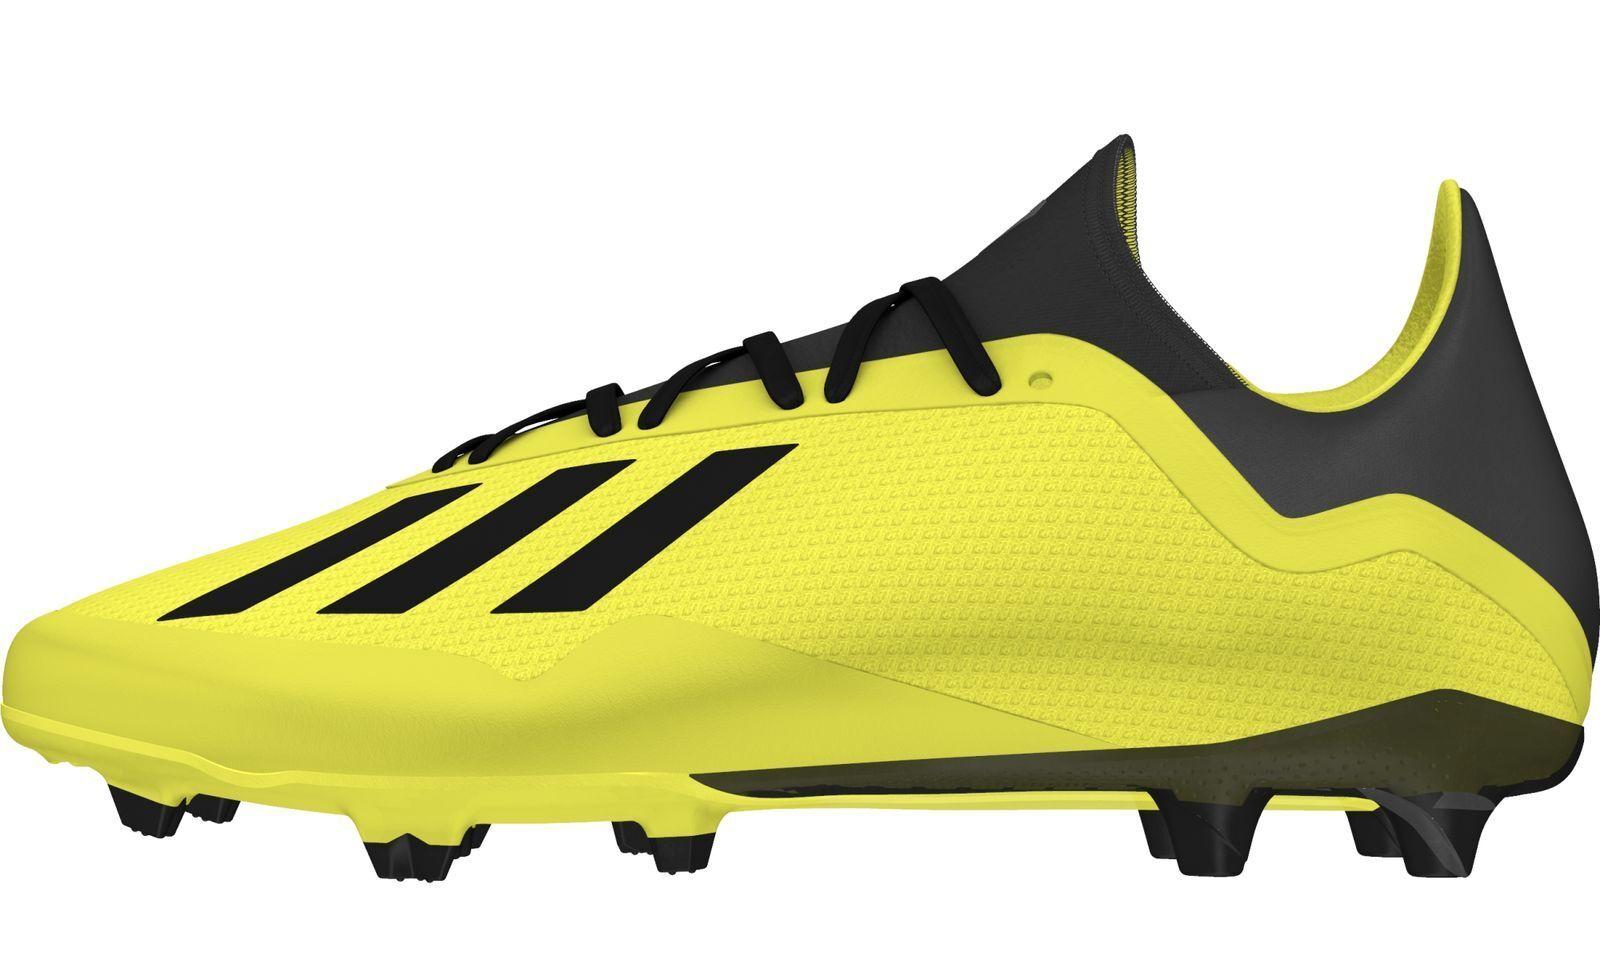 Adidas Perforuomoce Uomo Tacchetti Sautope da Calcio x 18.3 Fg